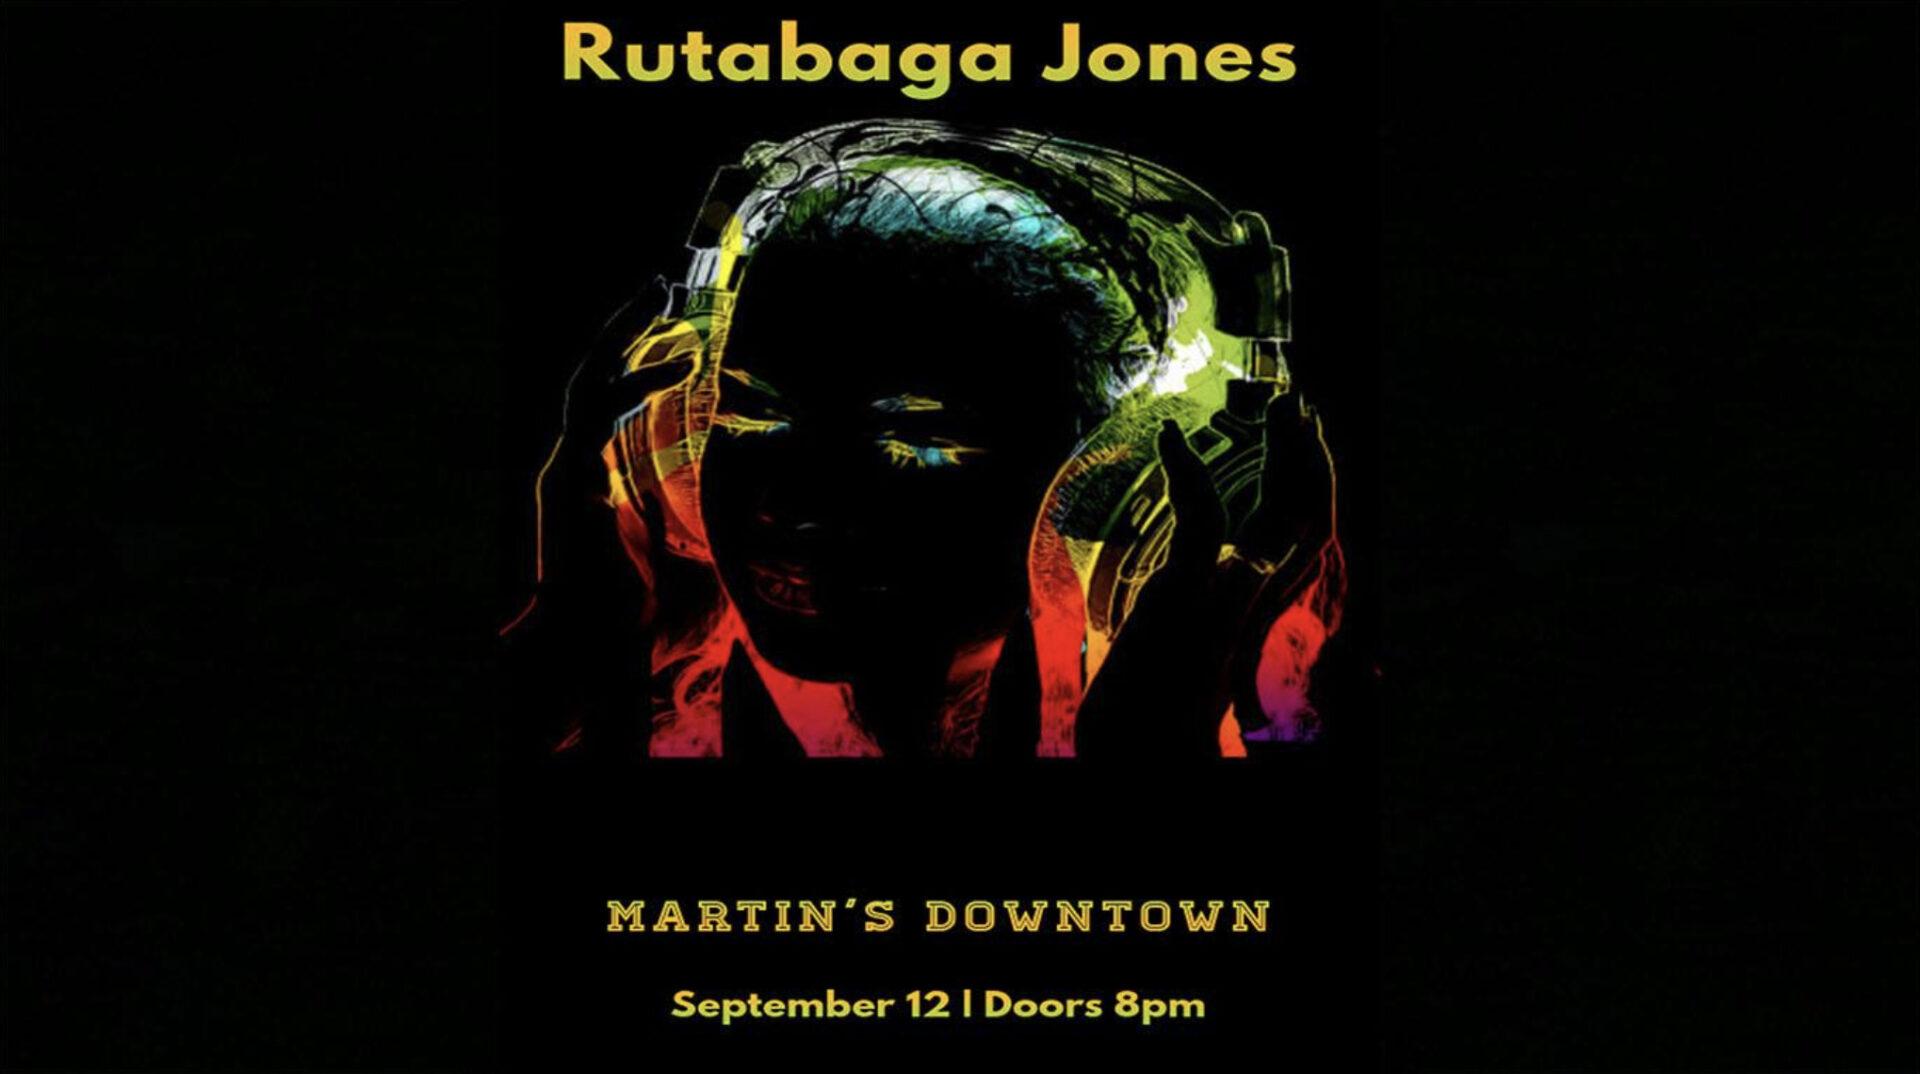 Rutabaga Jones